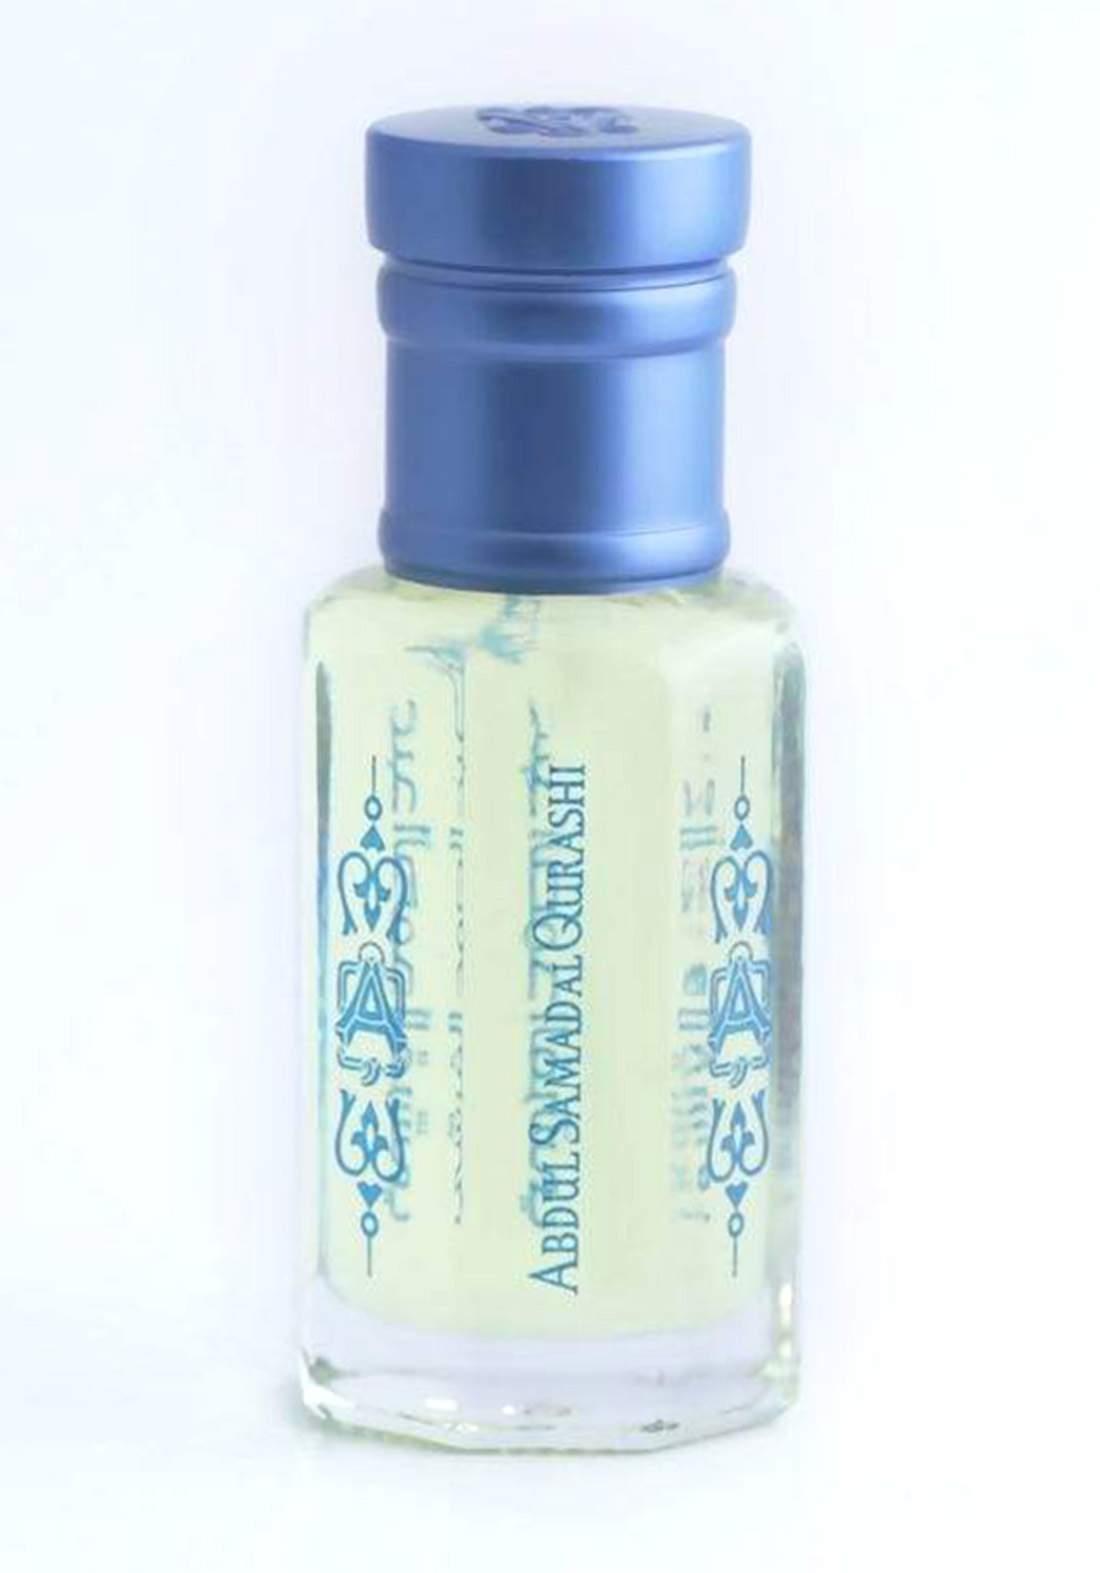 Abdul Samad Al Qurashi 11240 Teeb Blend Perfume Oil 12ml عطر زيتي